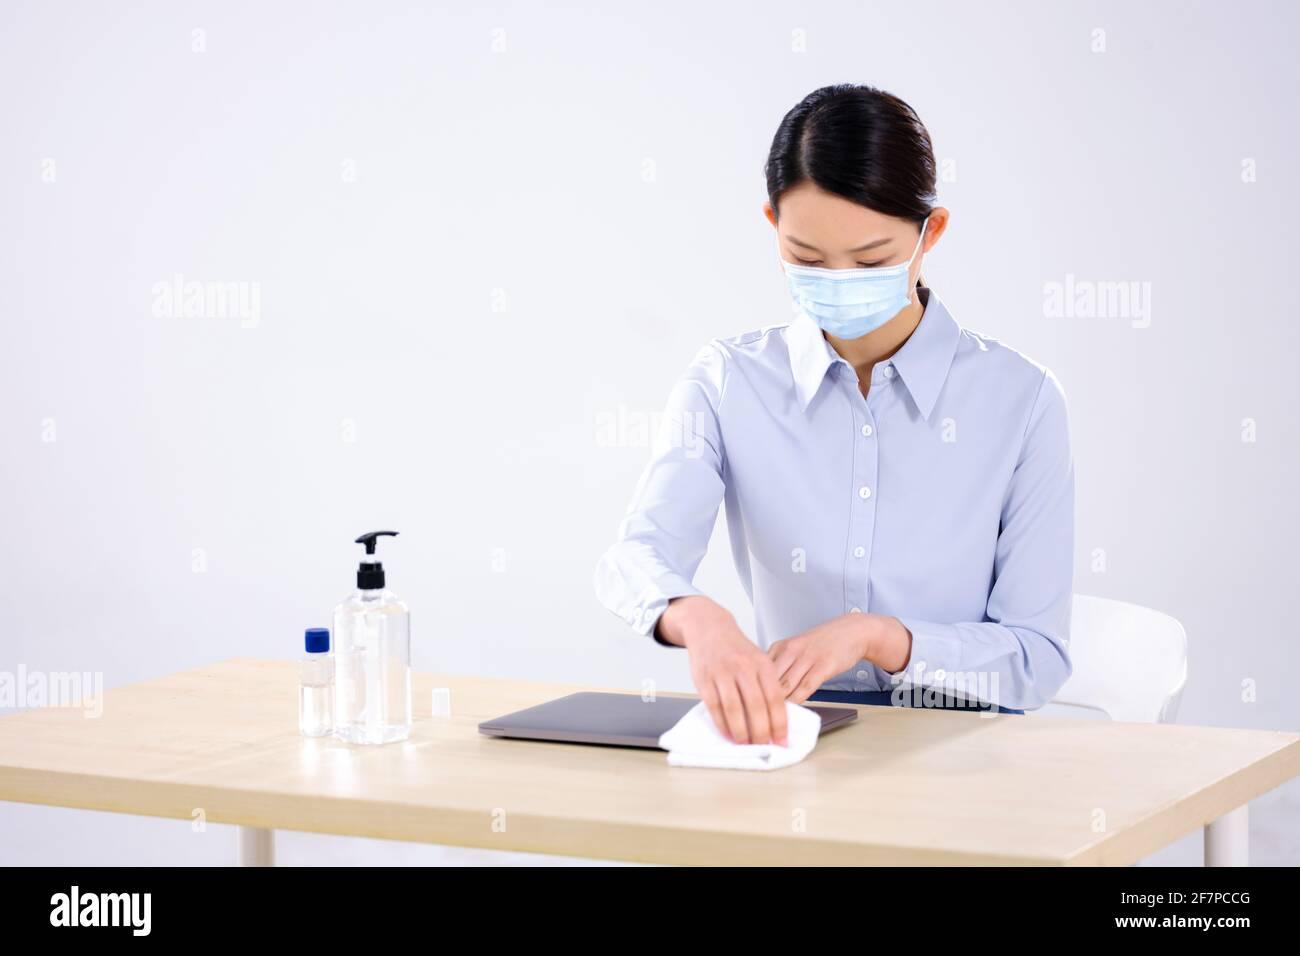 Une femme d'affaires portant un masque essuie son ordinateur avec alcool Banque D'Images